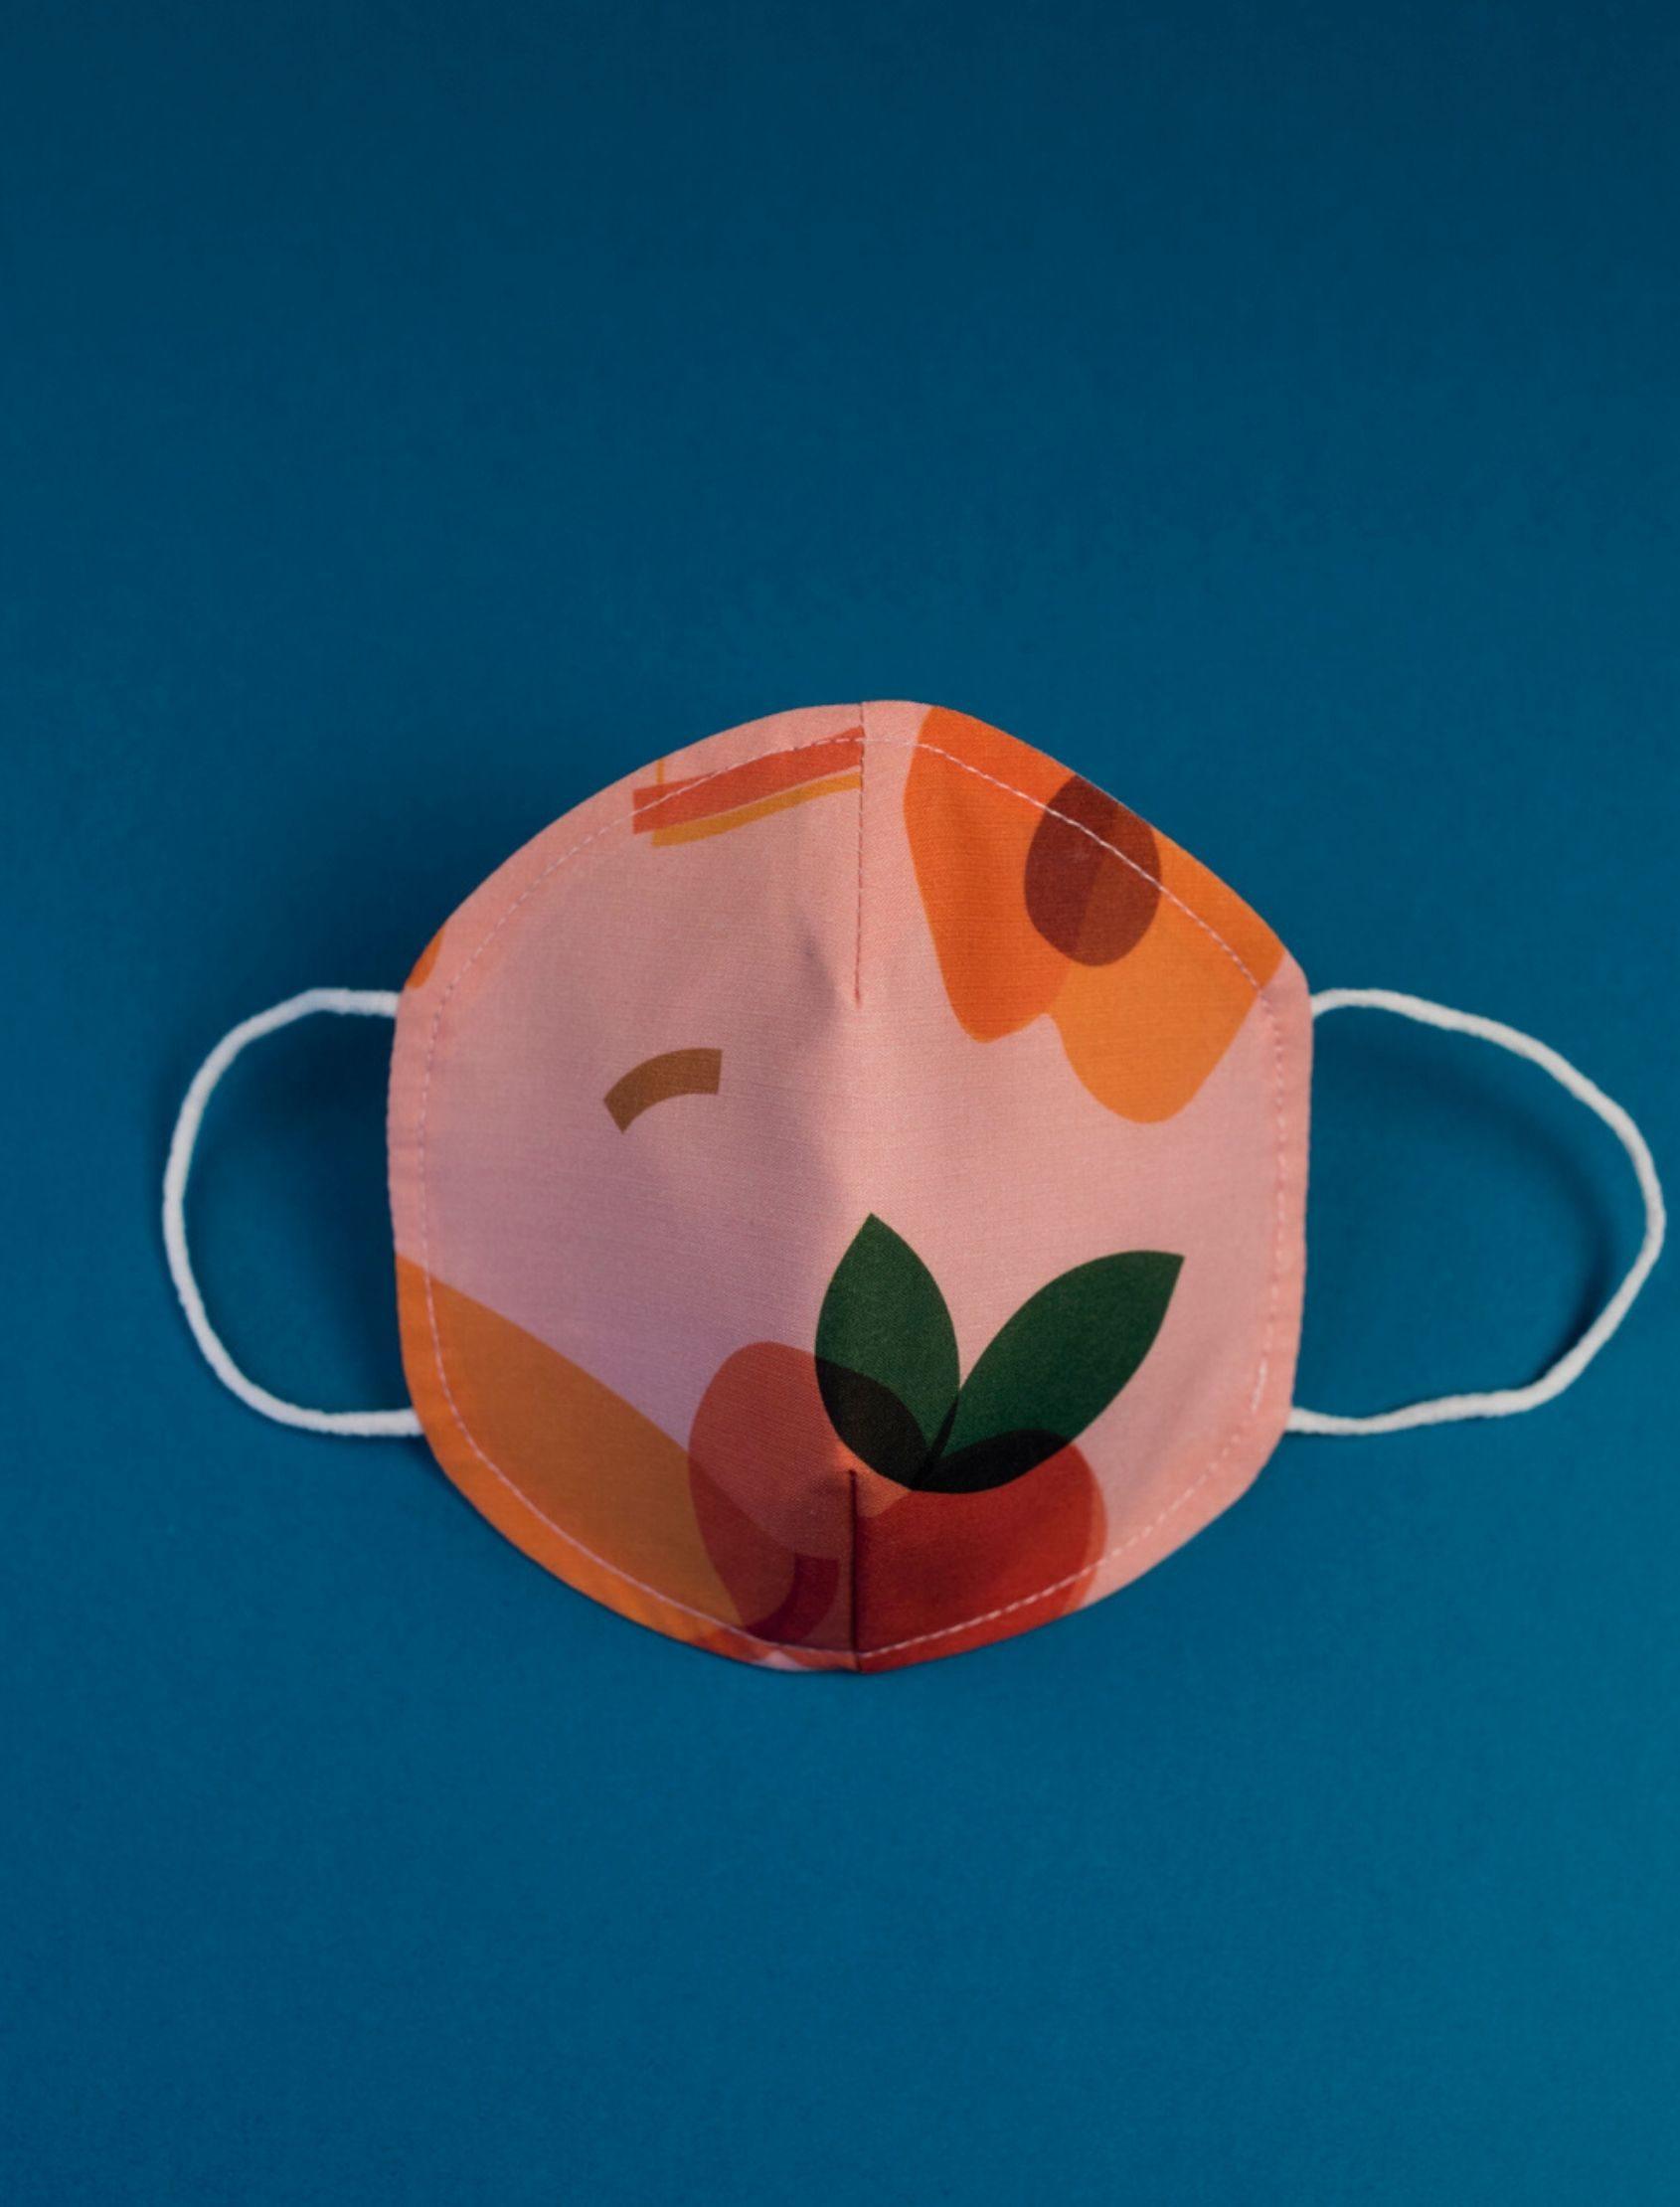 mascarilla infantil con estampado peach multicolor y tejido homologado